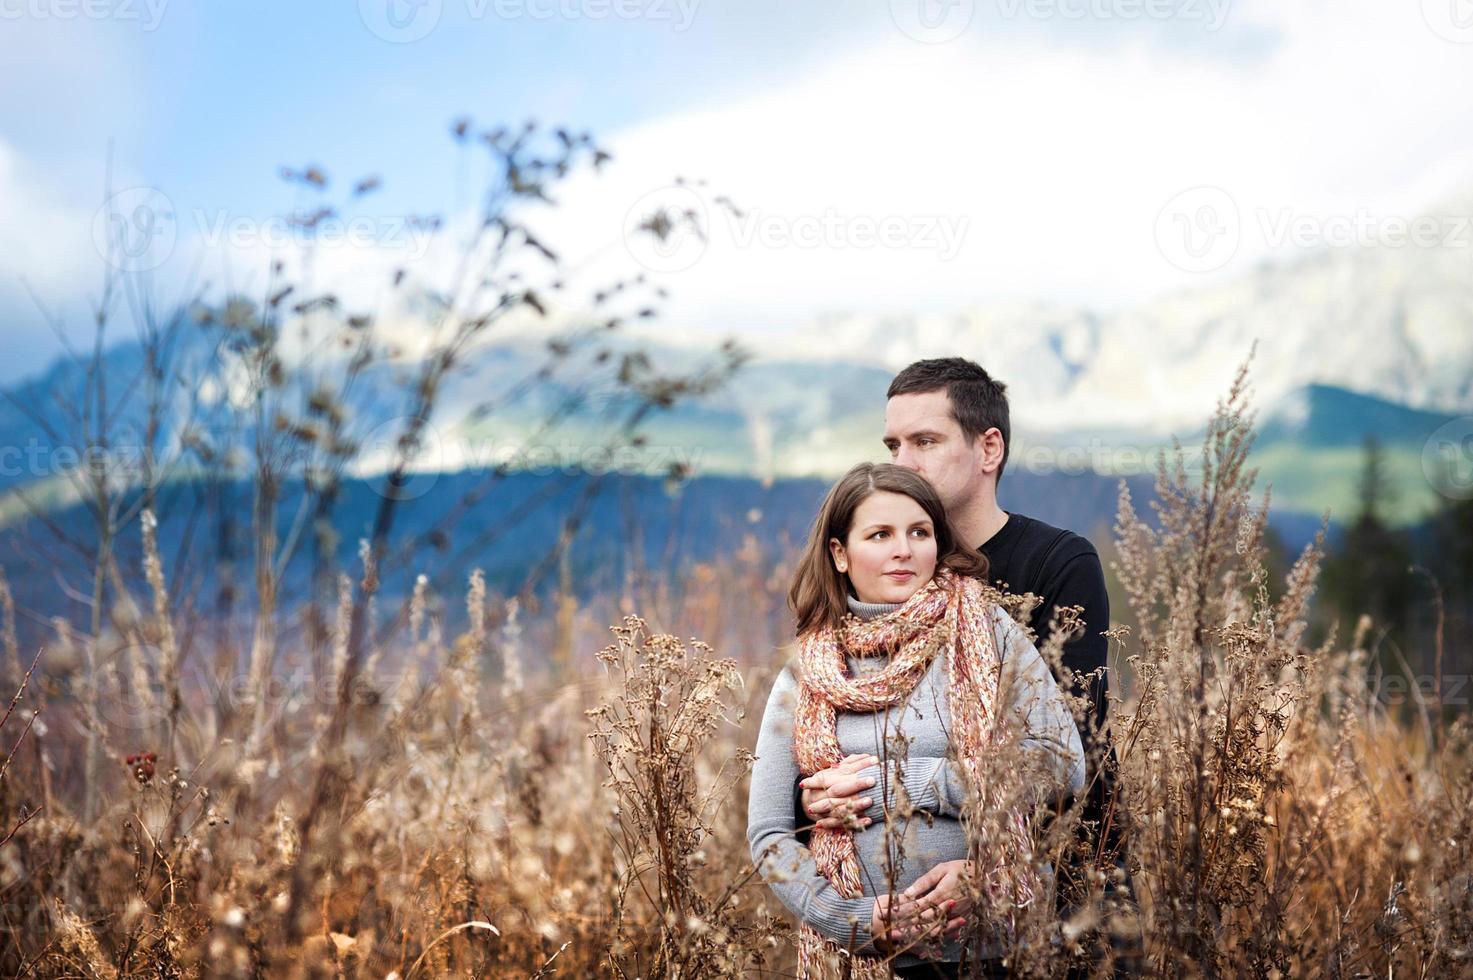 coppia incinta in autunno foto